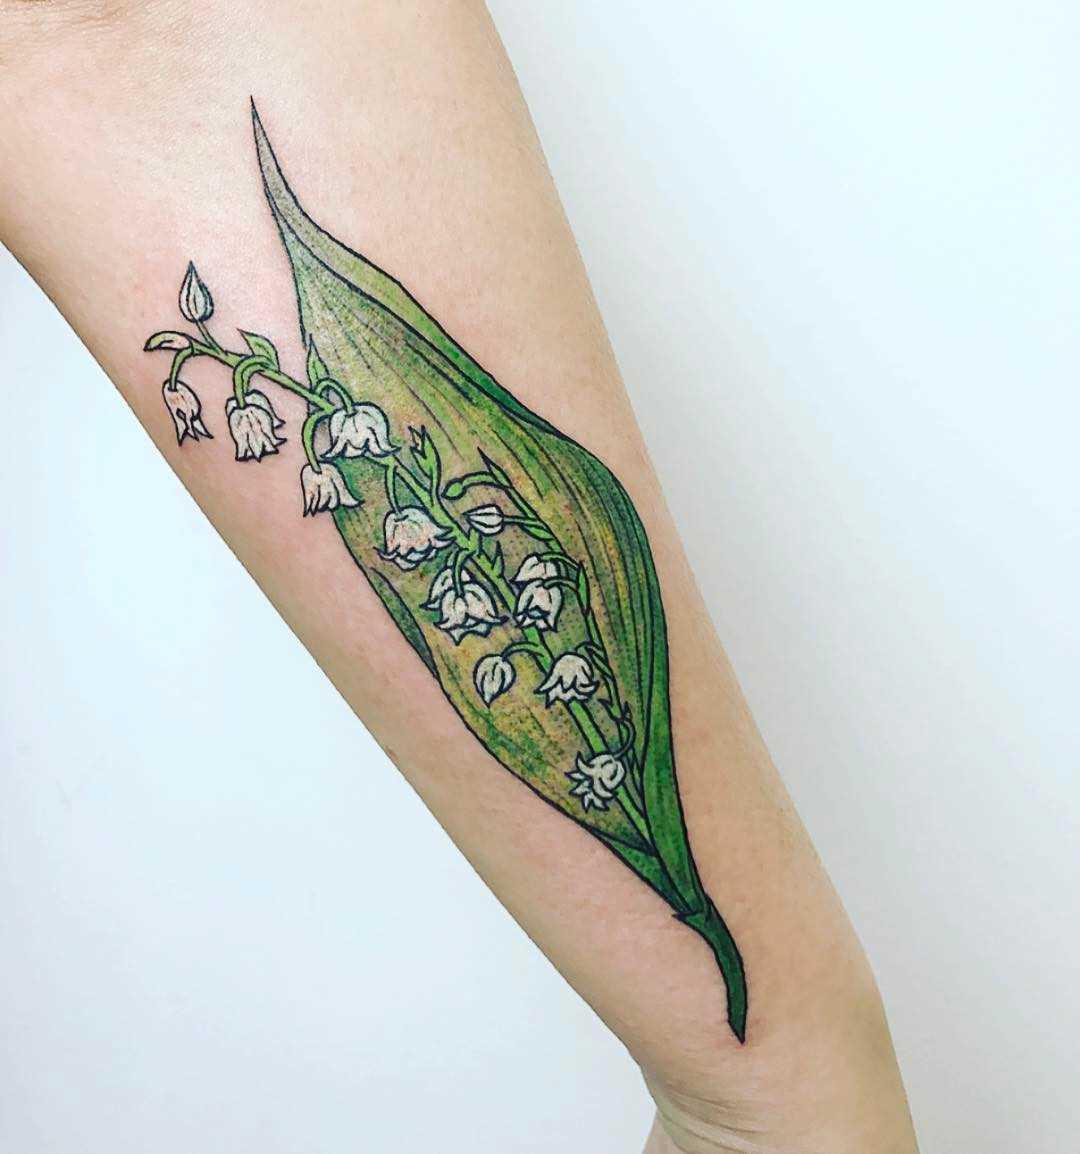 Foto a cores de tatuagem, lírio do vale no antebraço da menina